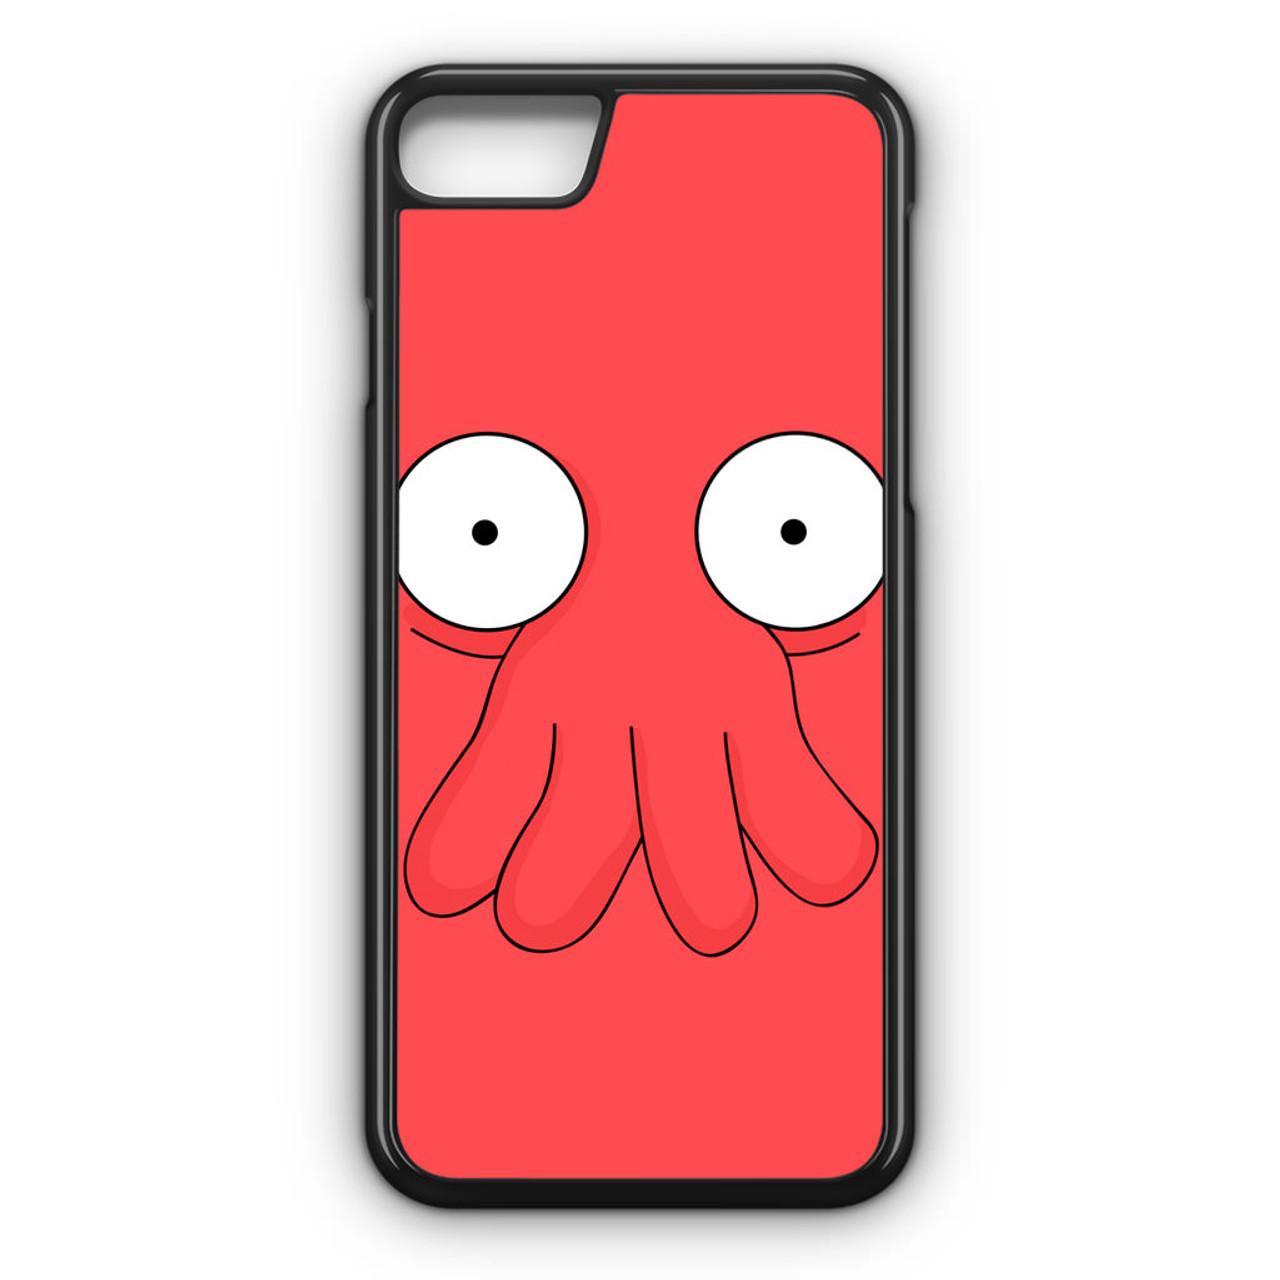 zoidberg iphone 6